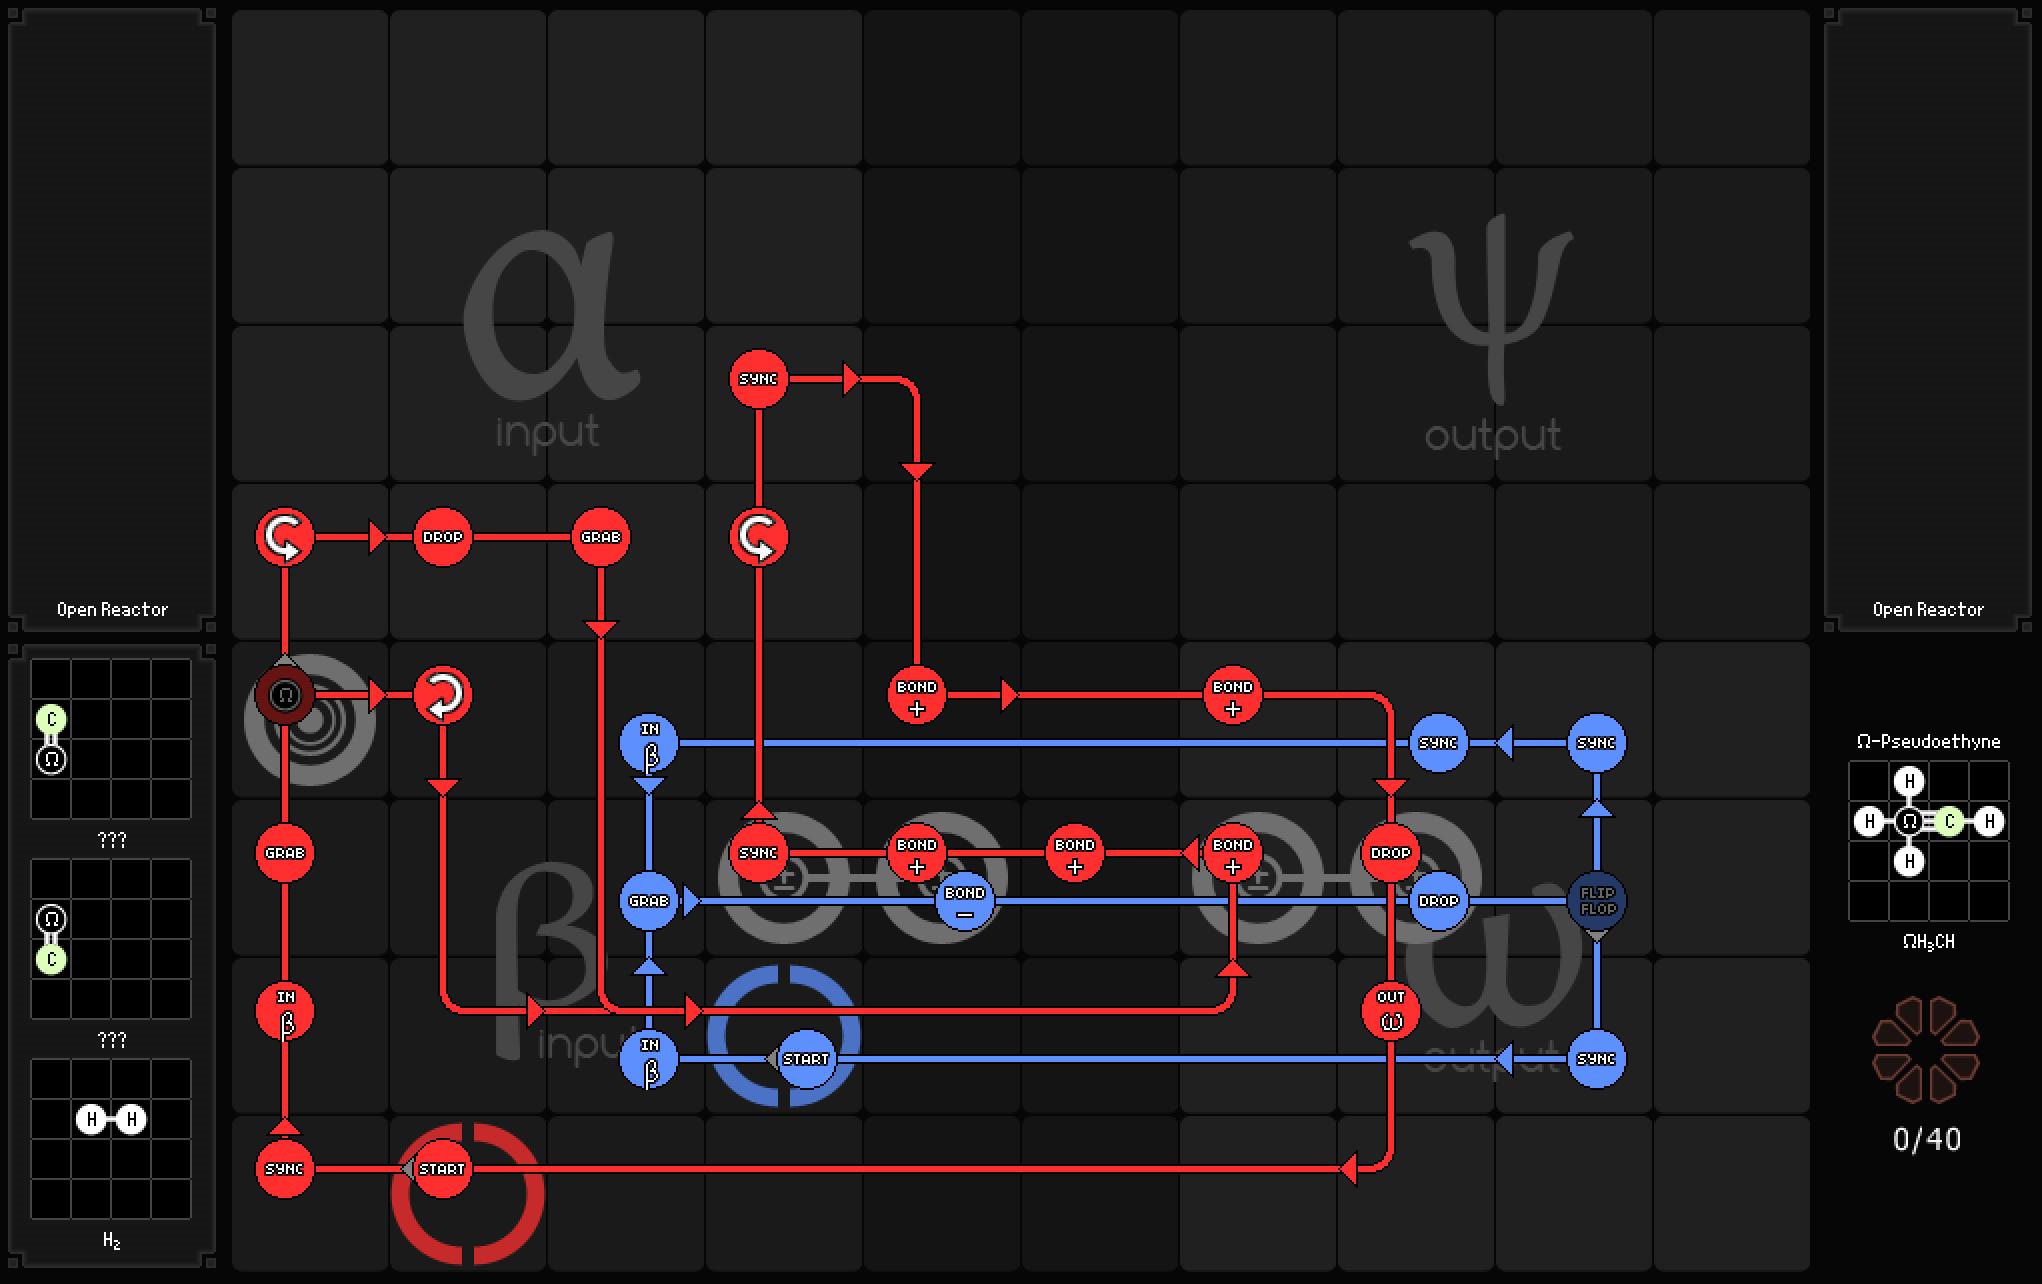 1_Story_Mode/8_Flidais/SpaceChem-8.4.a/Reactor_2.png